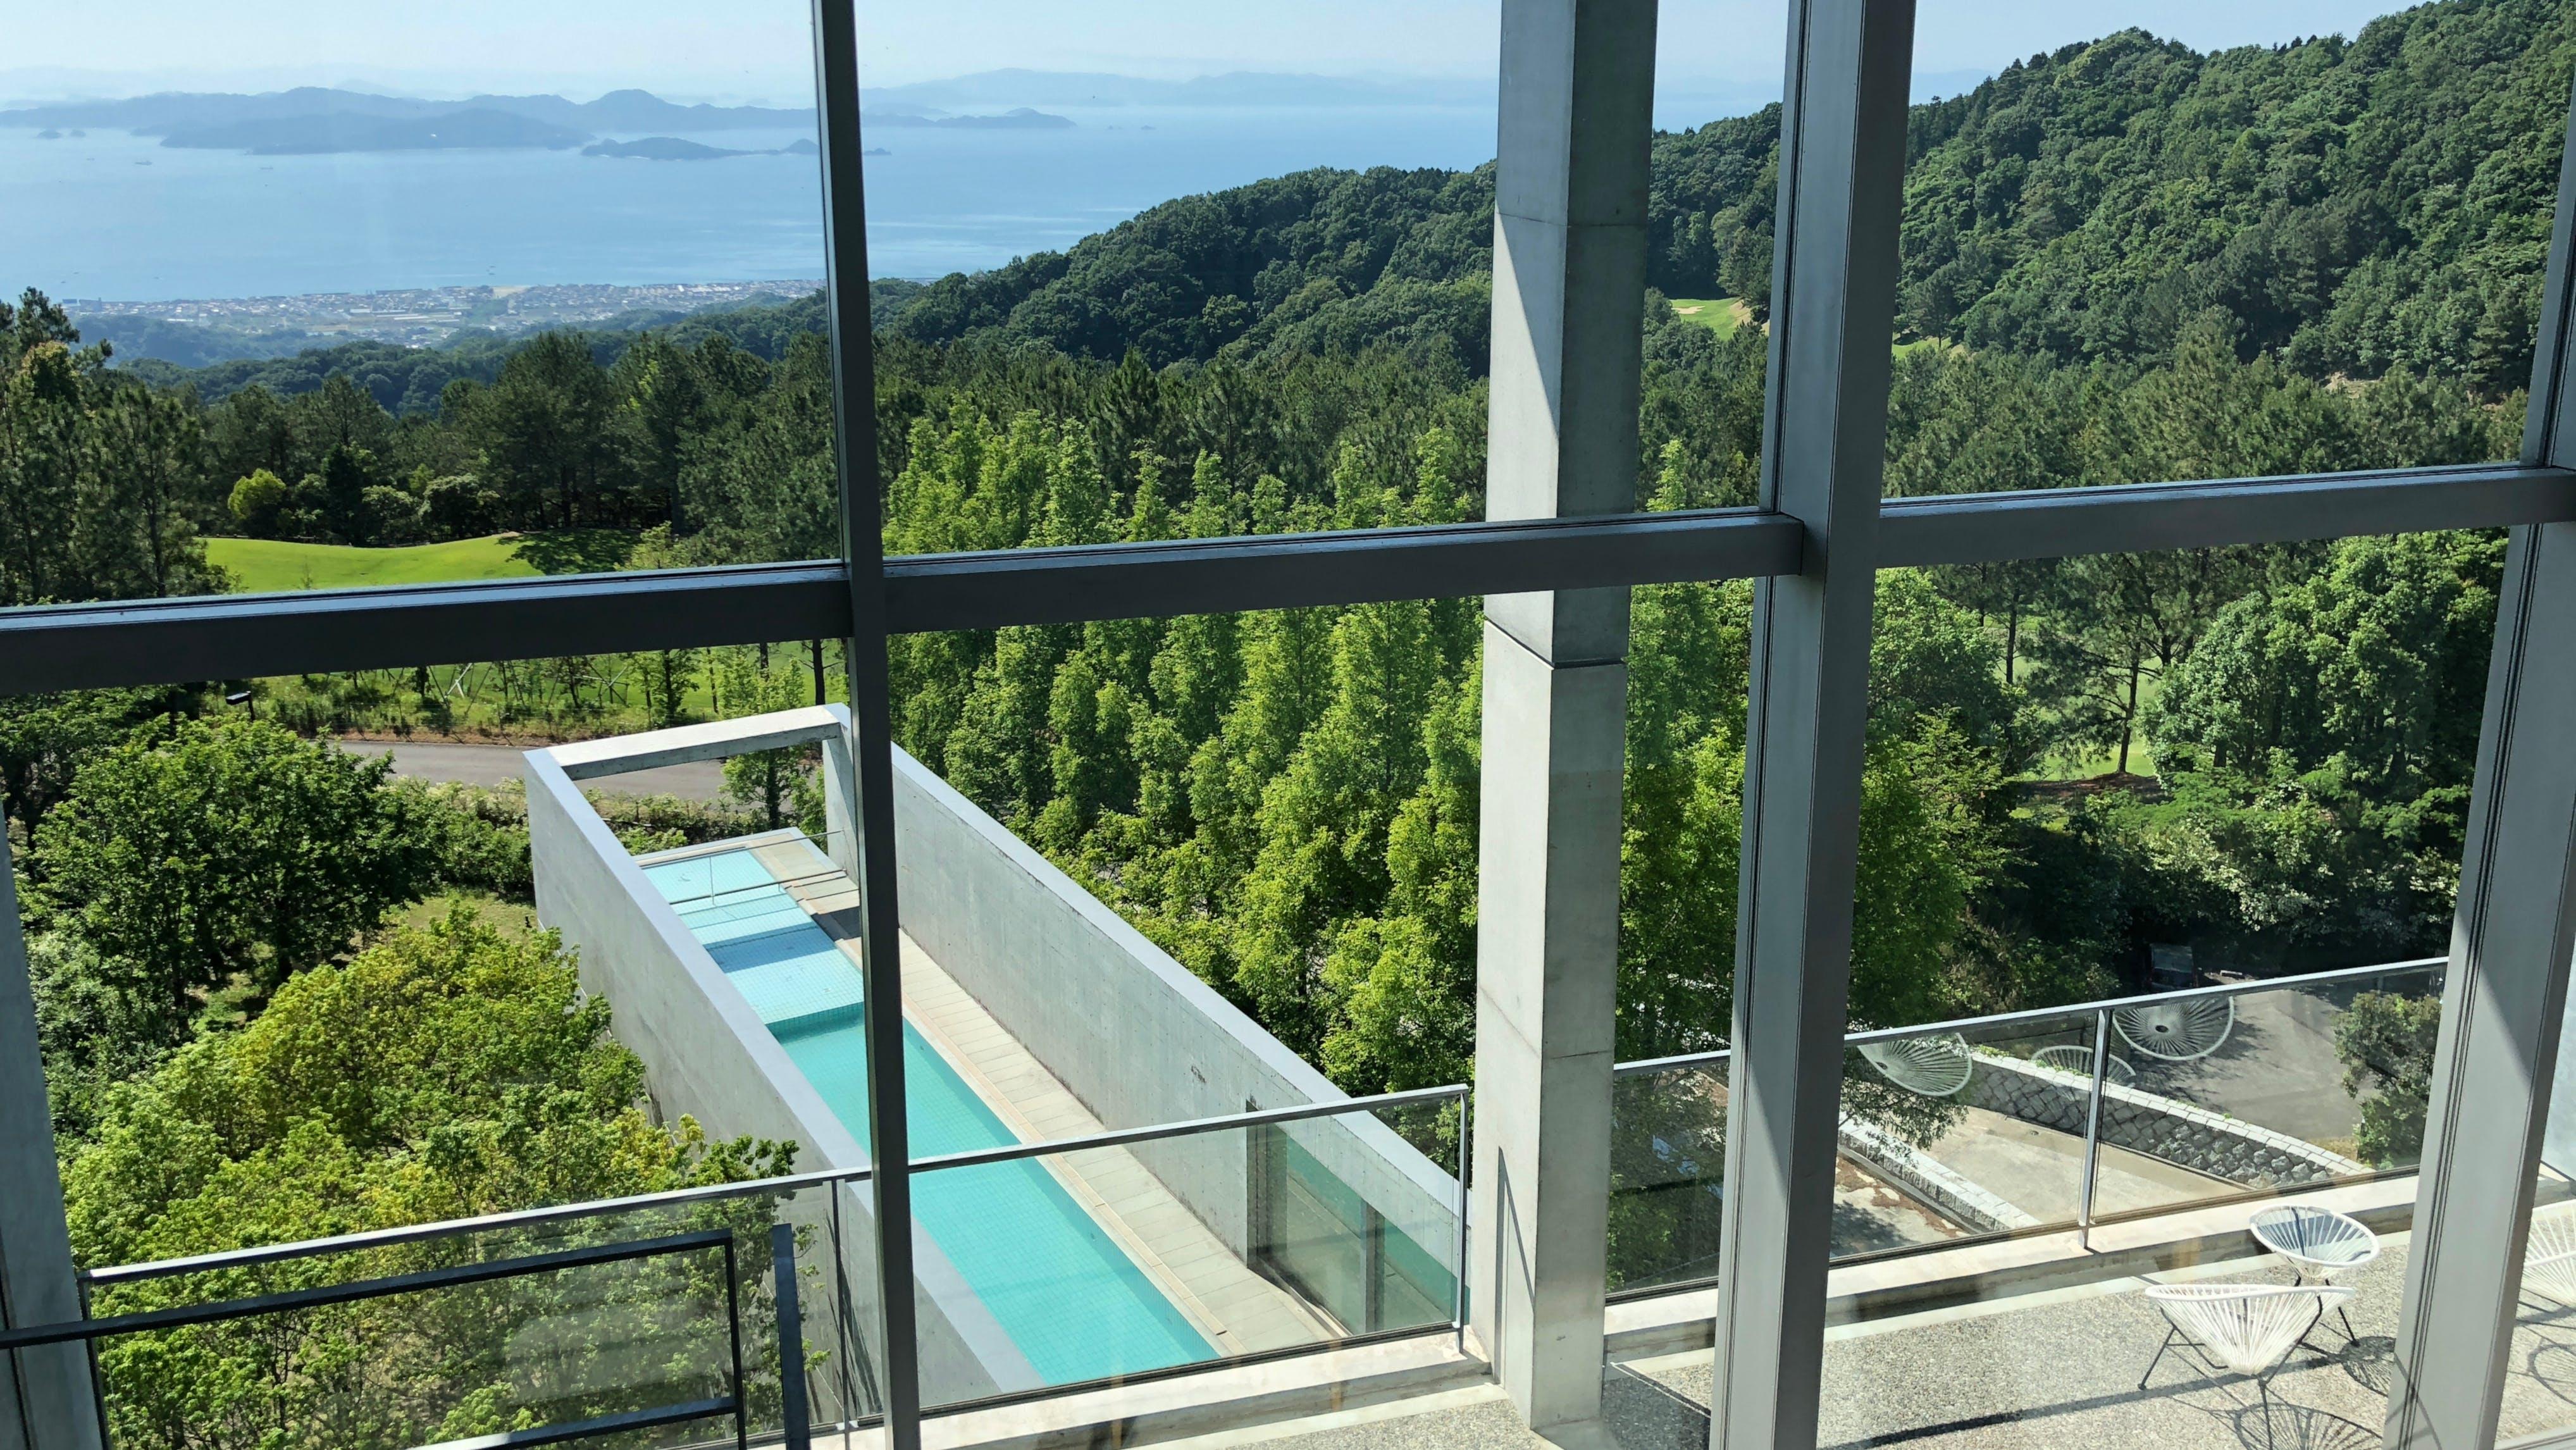 クチコミ高評価ランキング2019 旅館・リゾートホテル部門(西日本編)